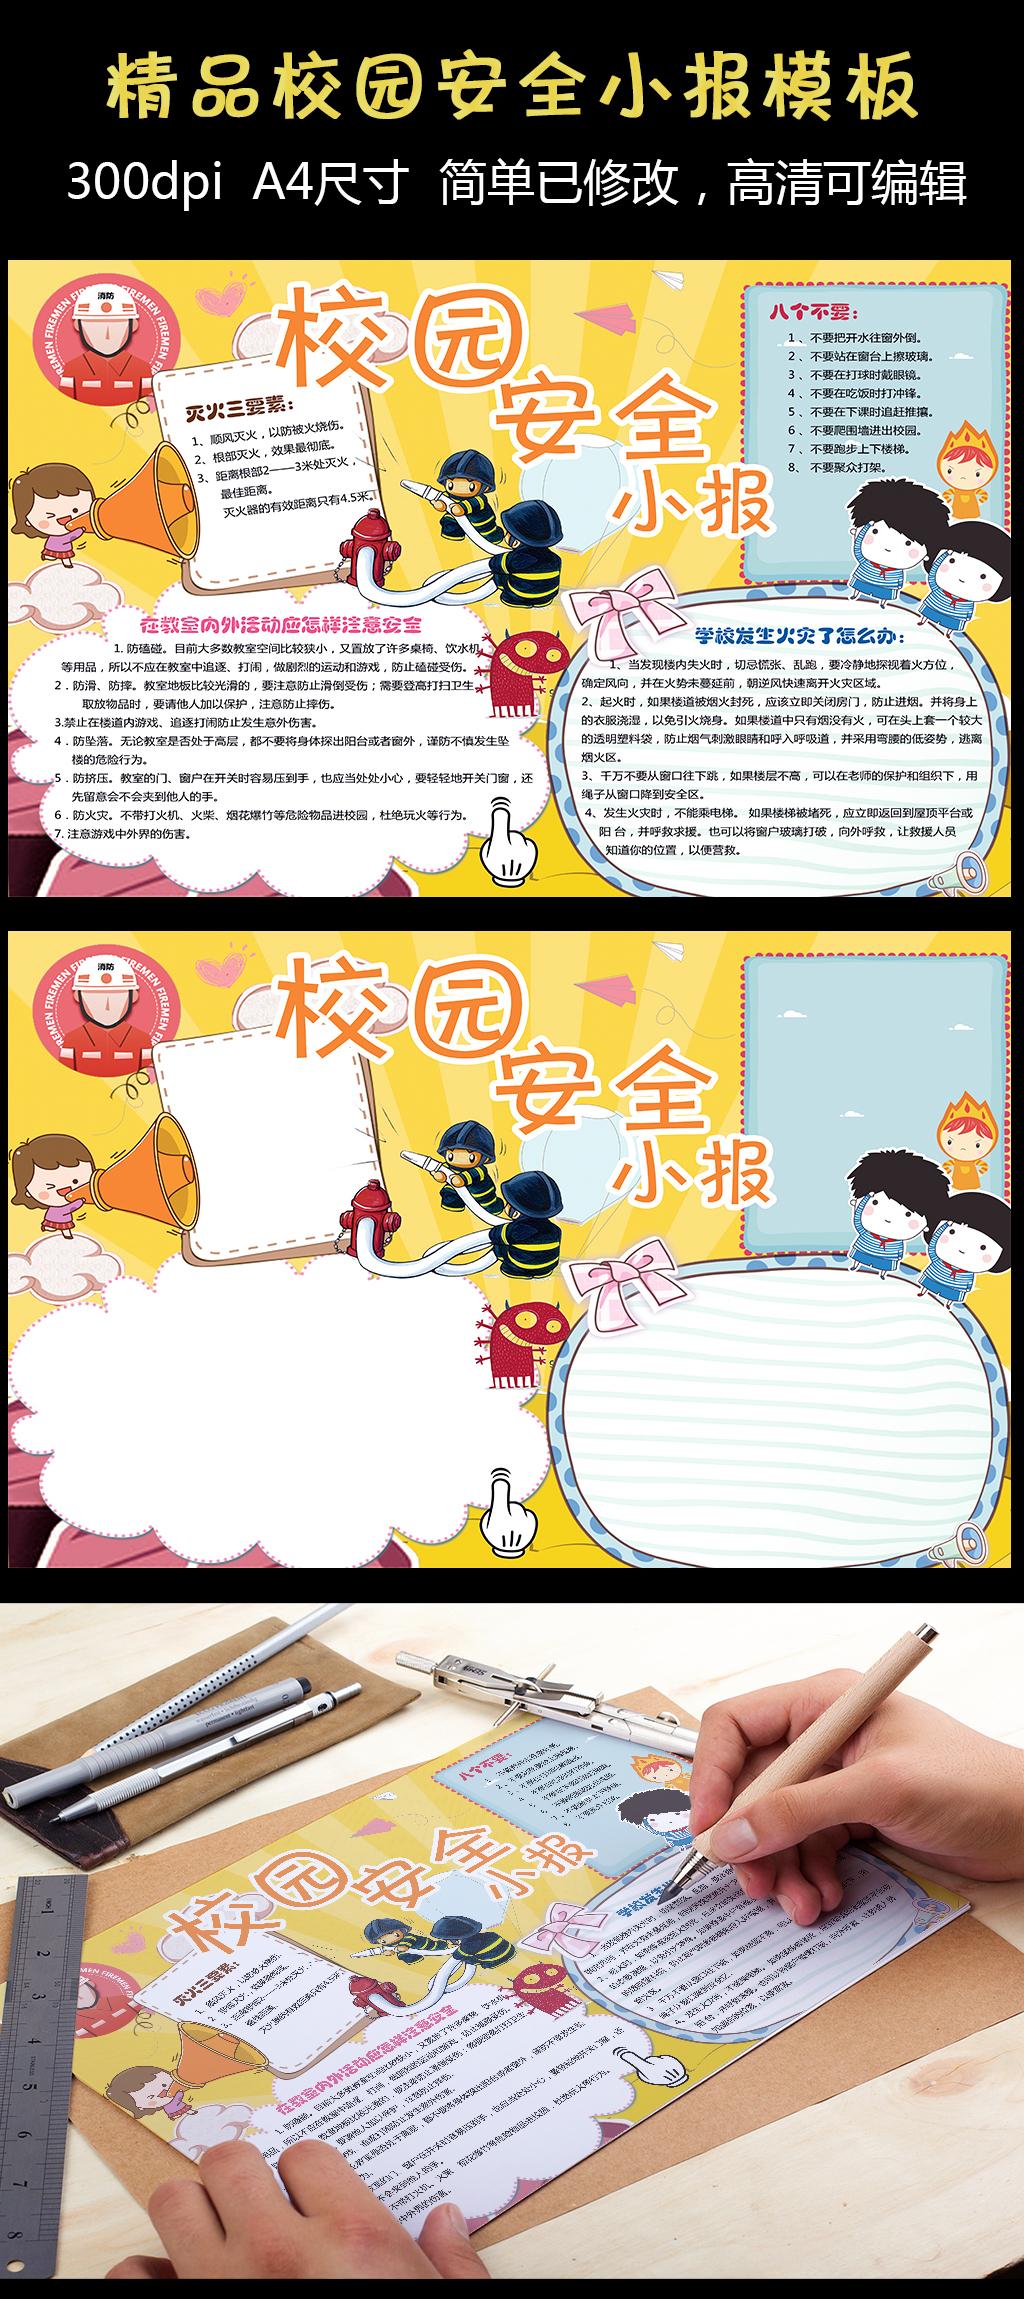 校园安全常识小报手抄报电子报模板图片设计素材_高清